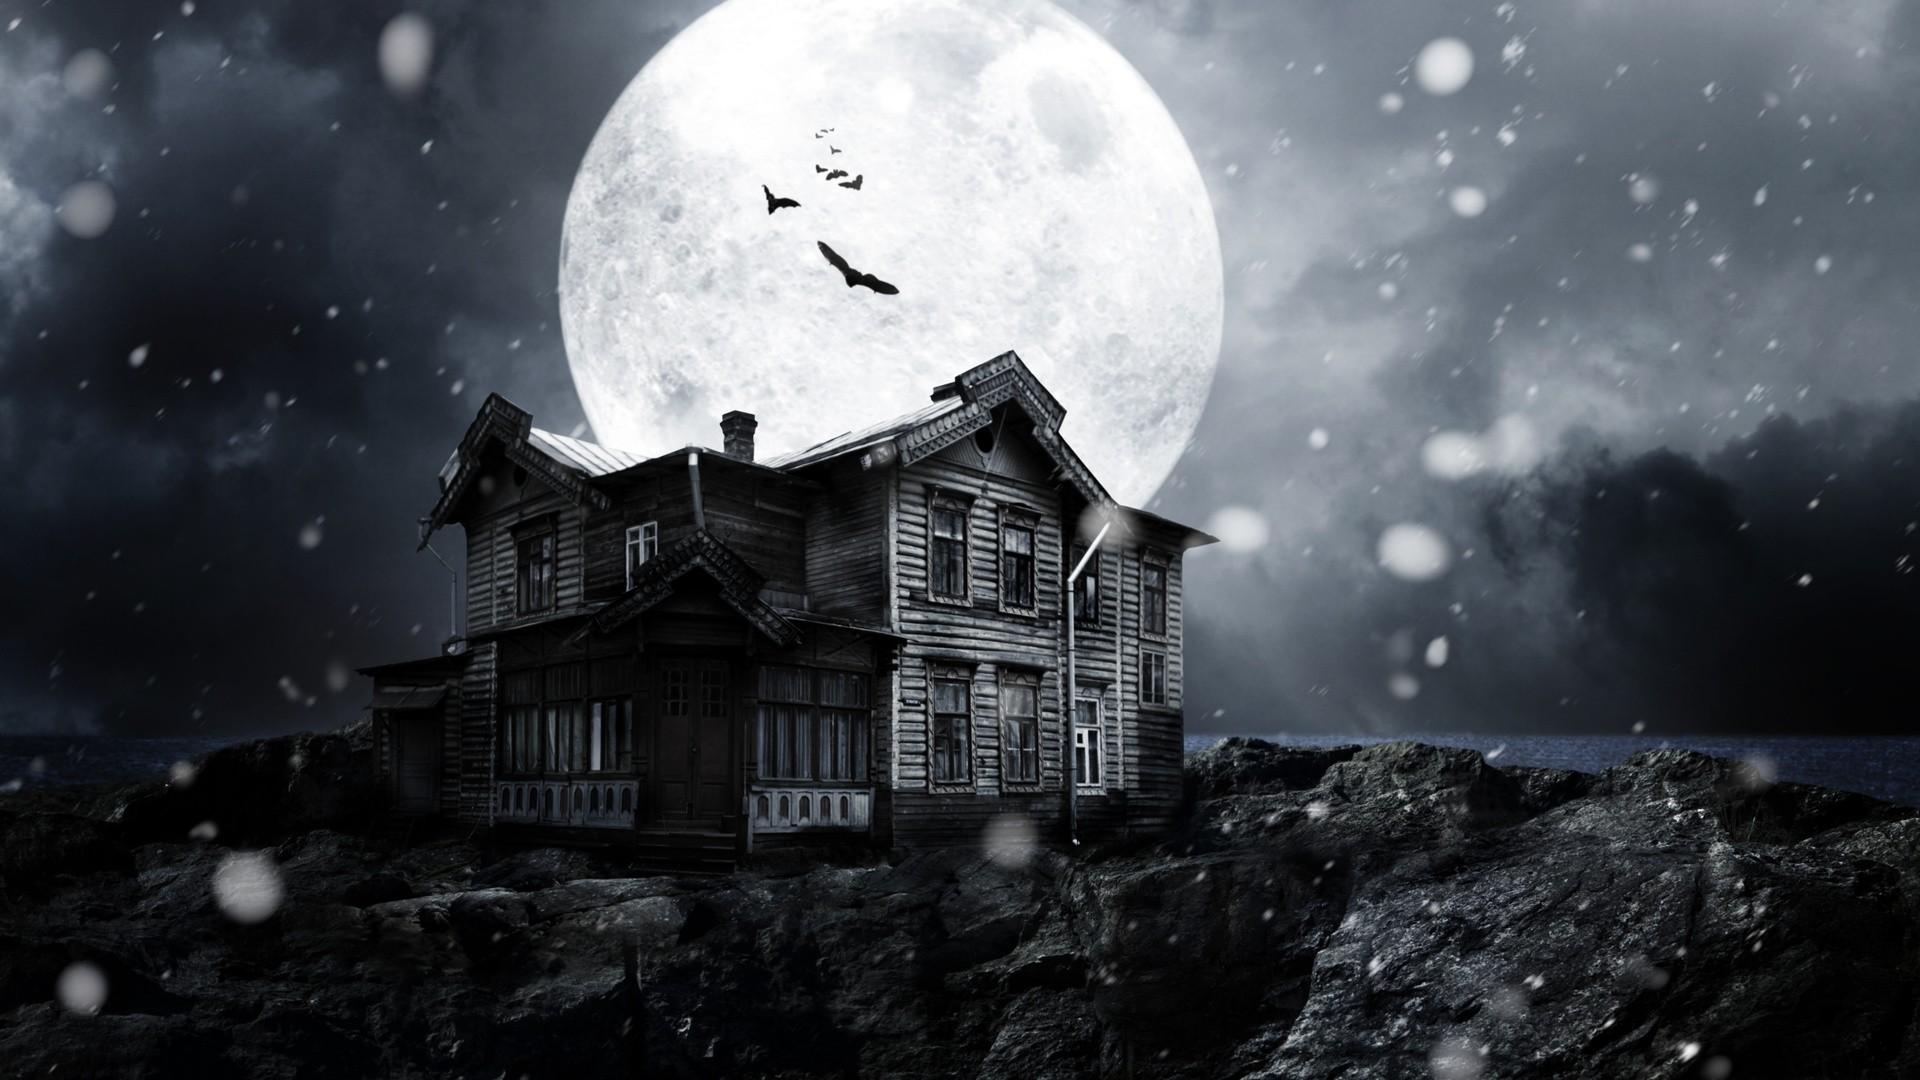 Spooky Wallpaper theme